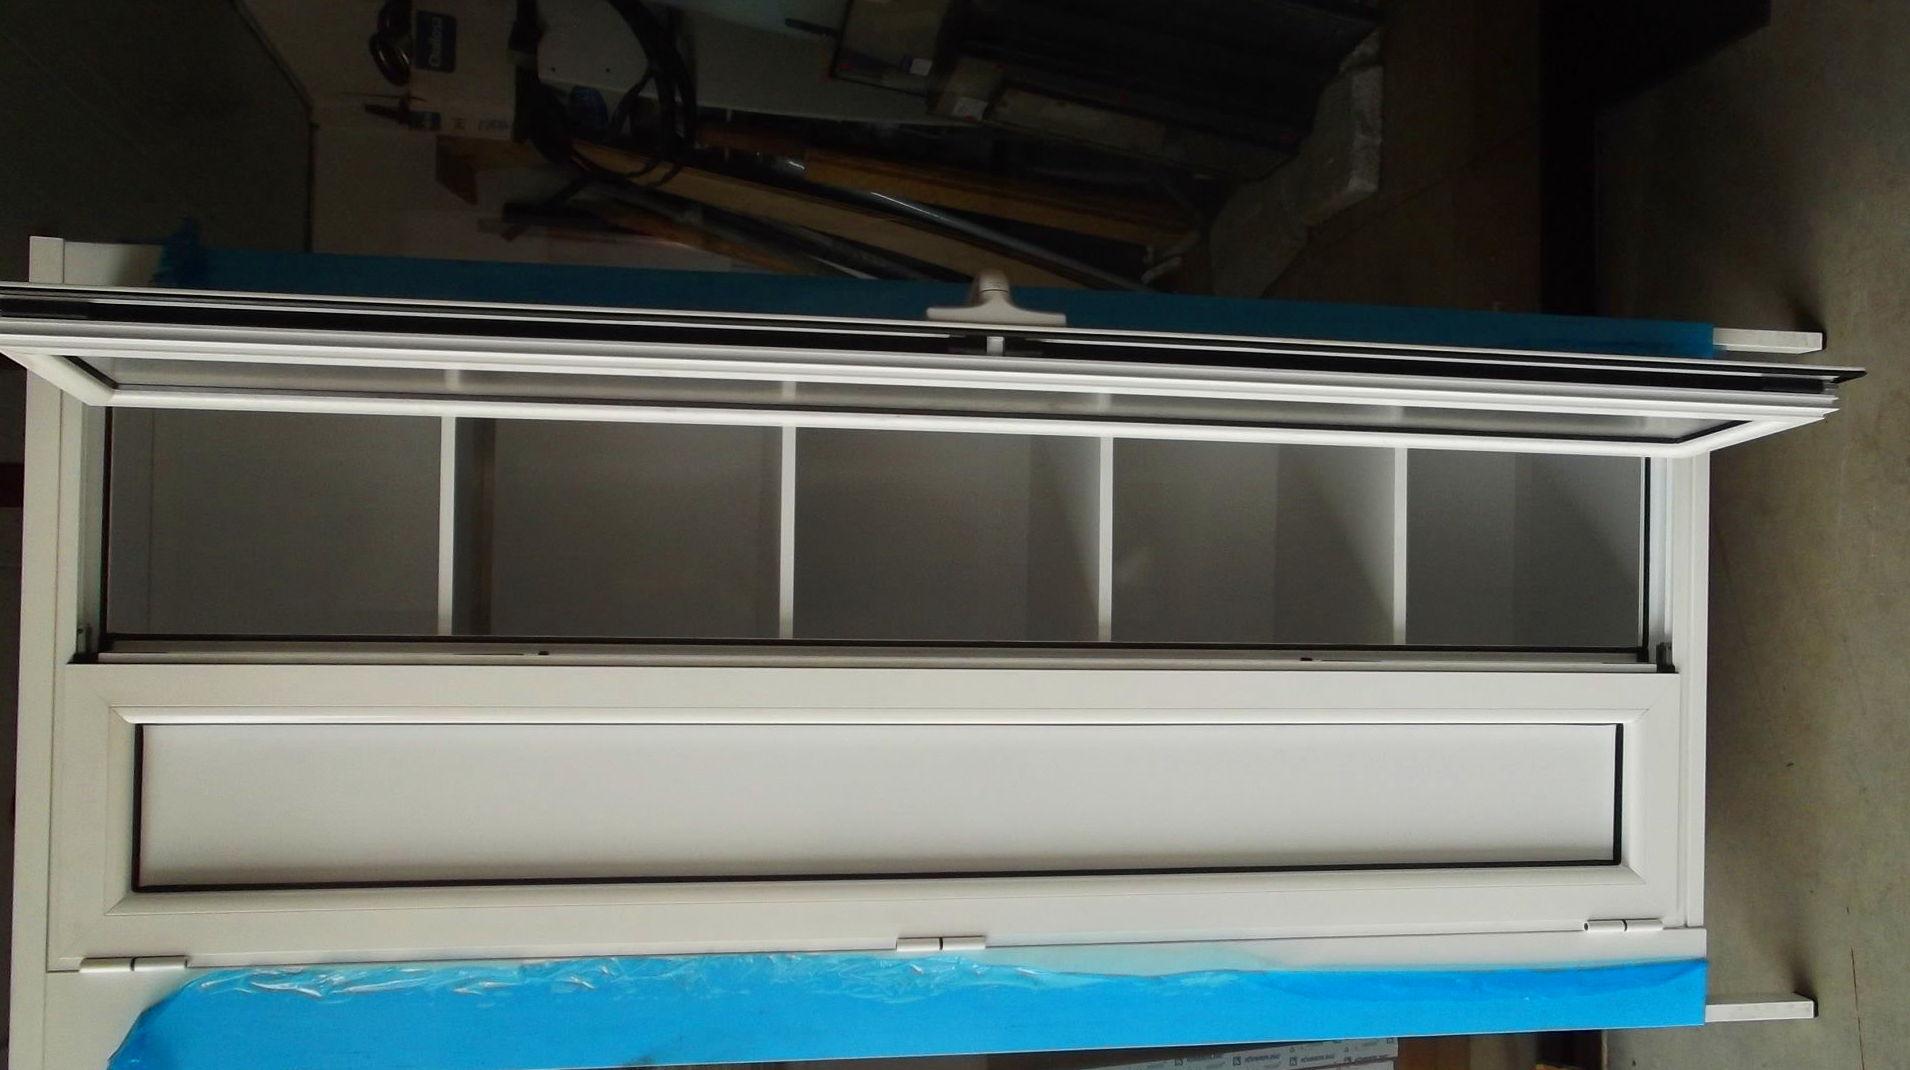 Armario fabricado en aluminio lacado blanco